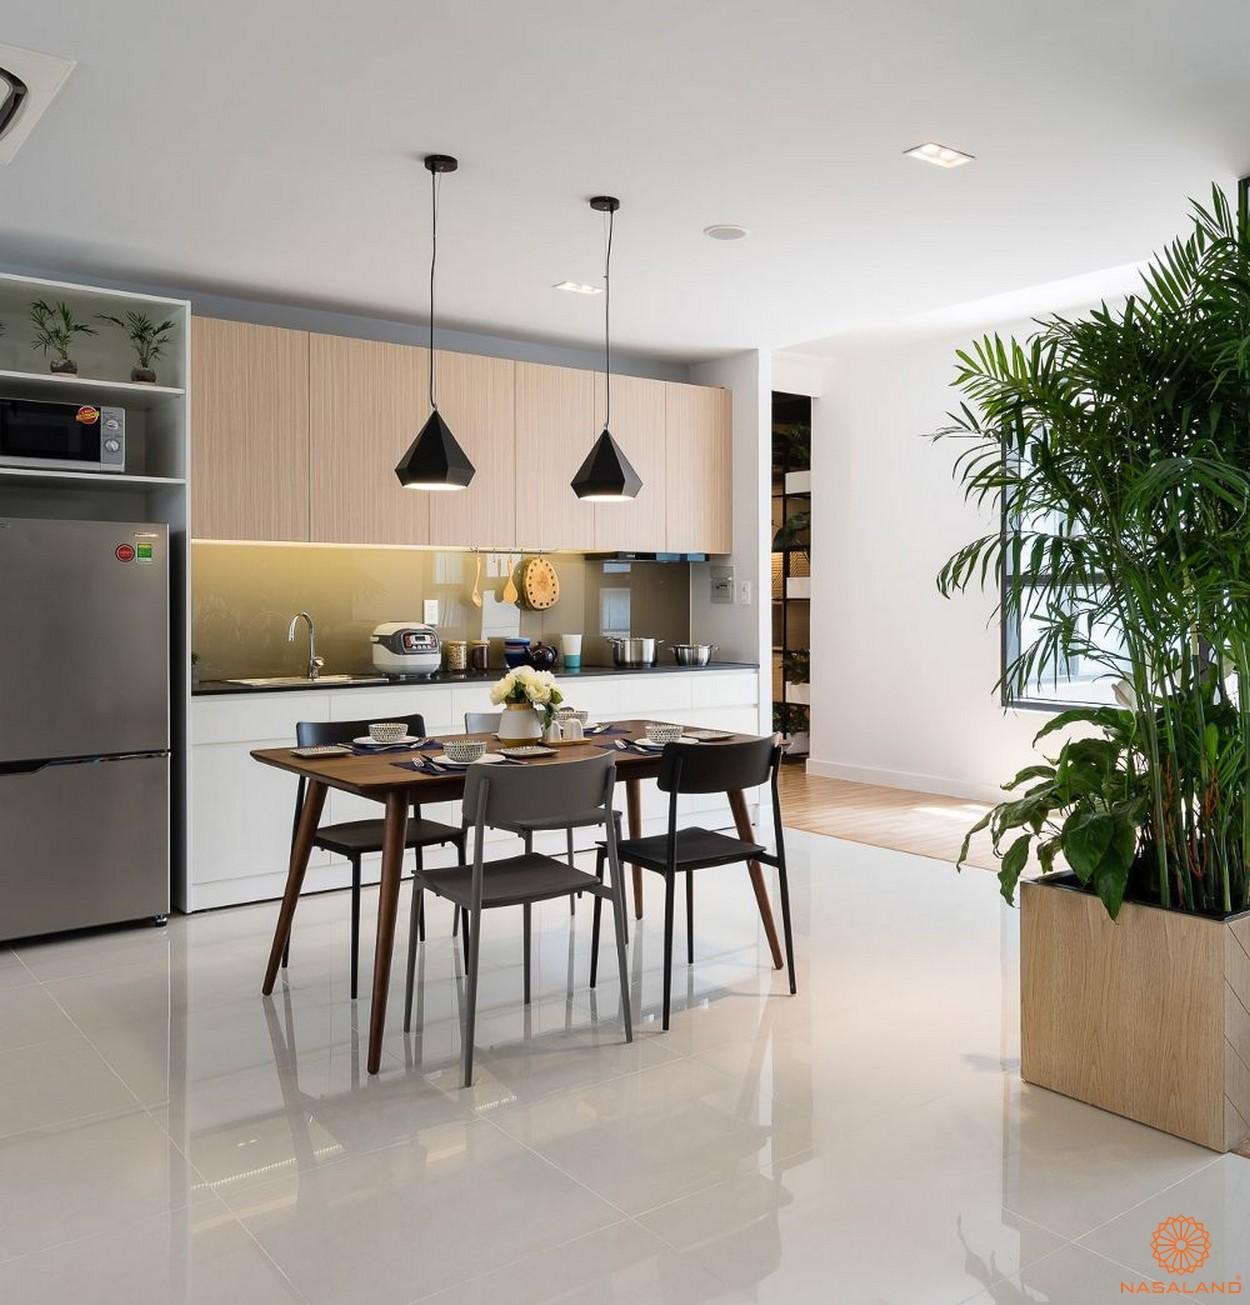 Hình ảnh nhà mẫu điển hình của dự án căn hộ CitiEsto